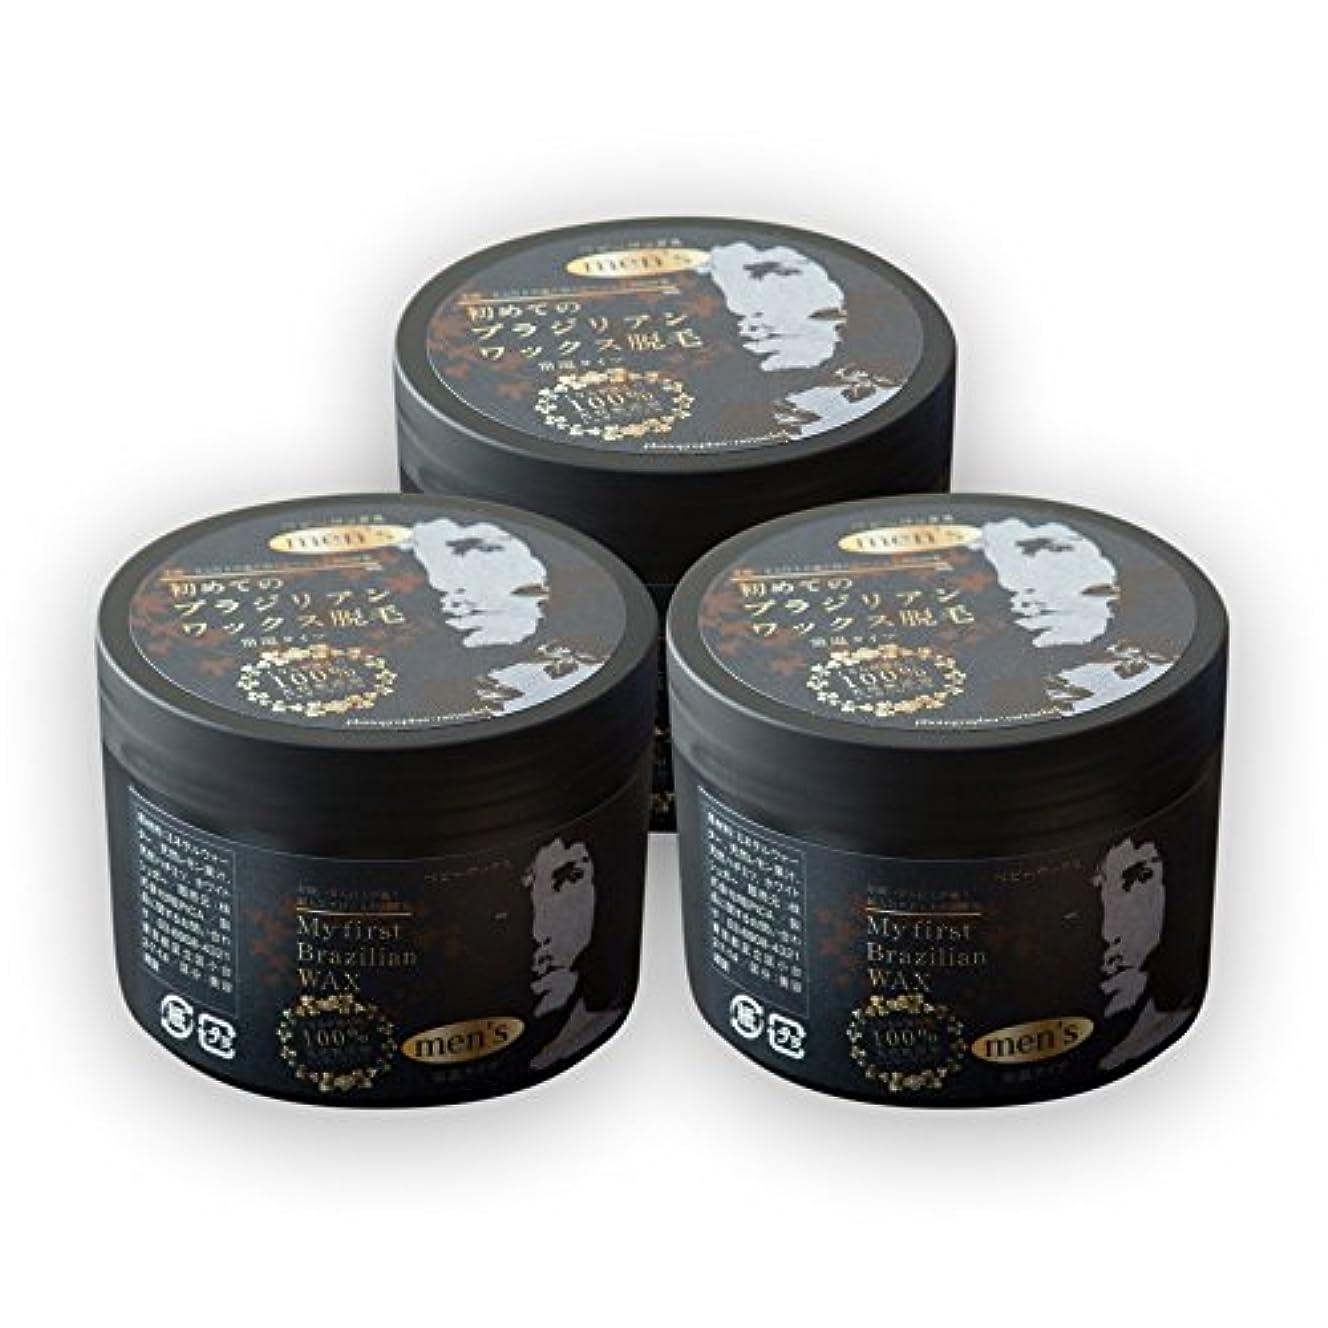 パス健康的カウボーイ【単品】メンズ専 ブラジリアンワックス BABY WAX 専門サロンの初めてのブラジリアンワックス脱毛【100%国産無添加】 (3個セット)